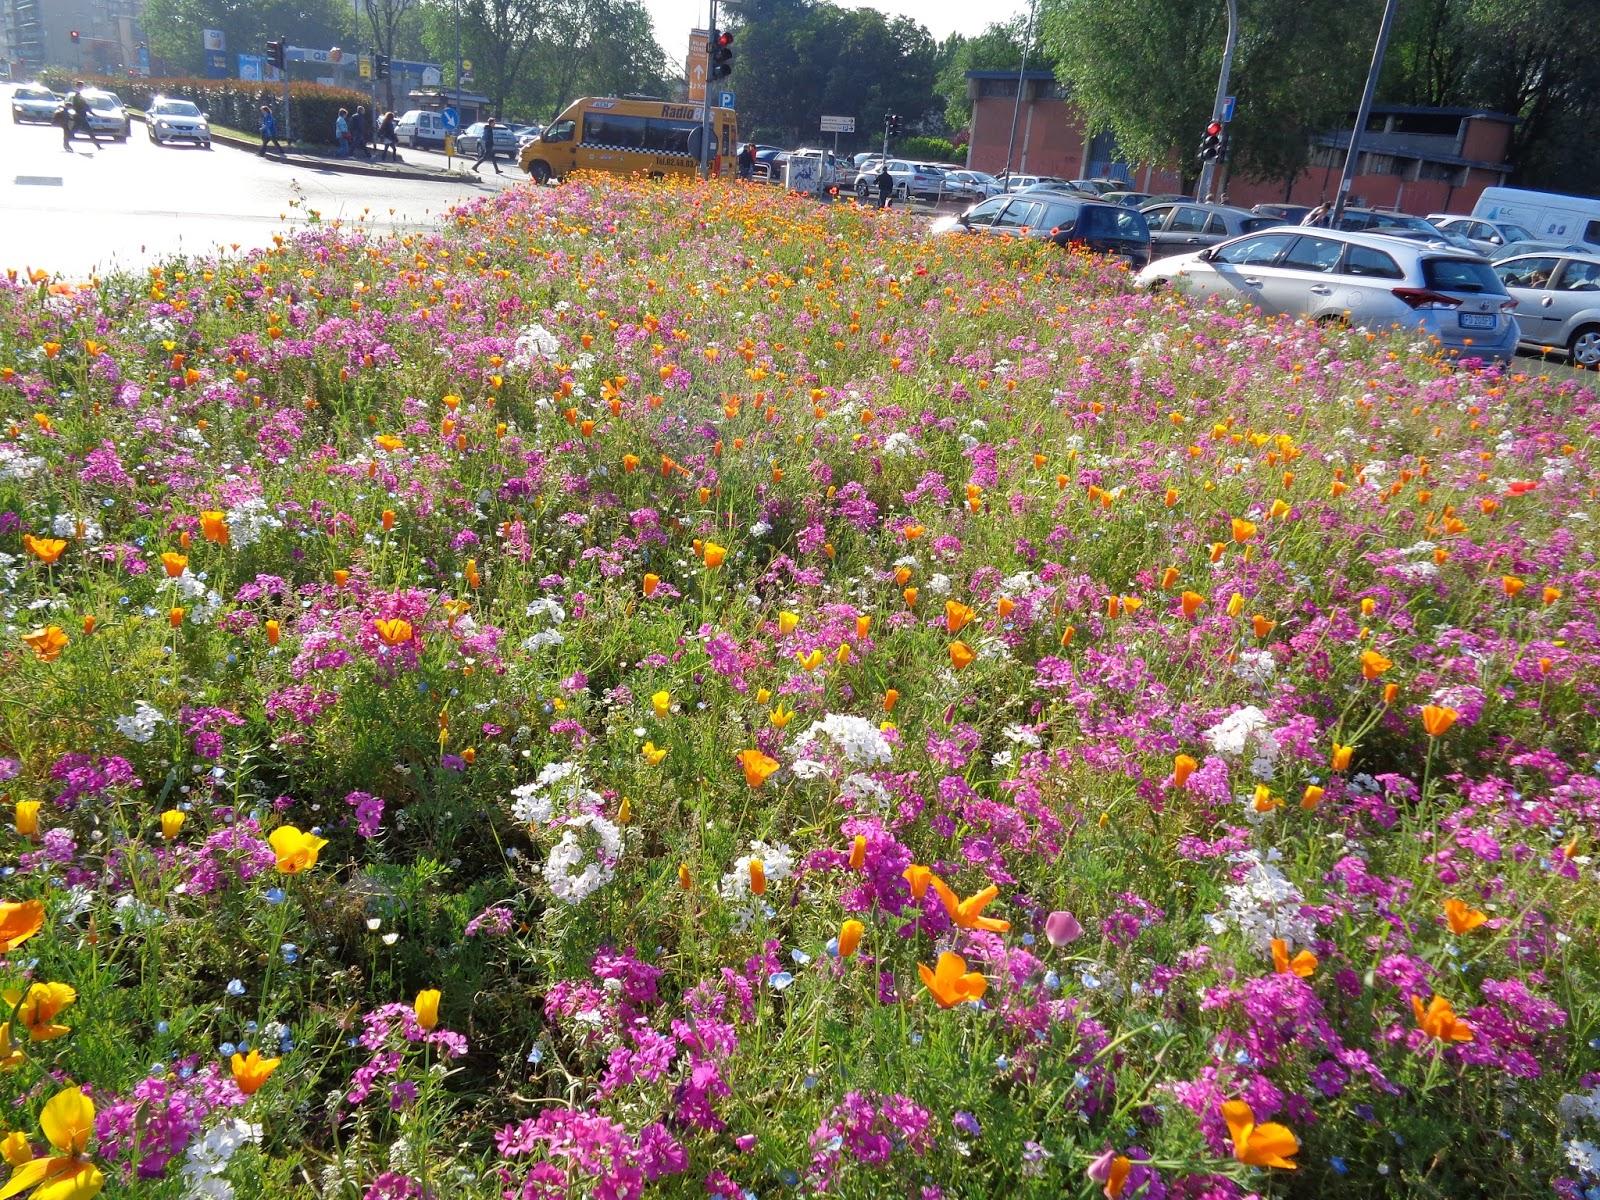 Foto diario di una giardiniera curiosa fuori orticola for Immagini giardiniere